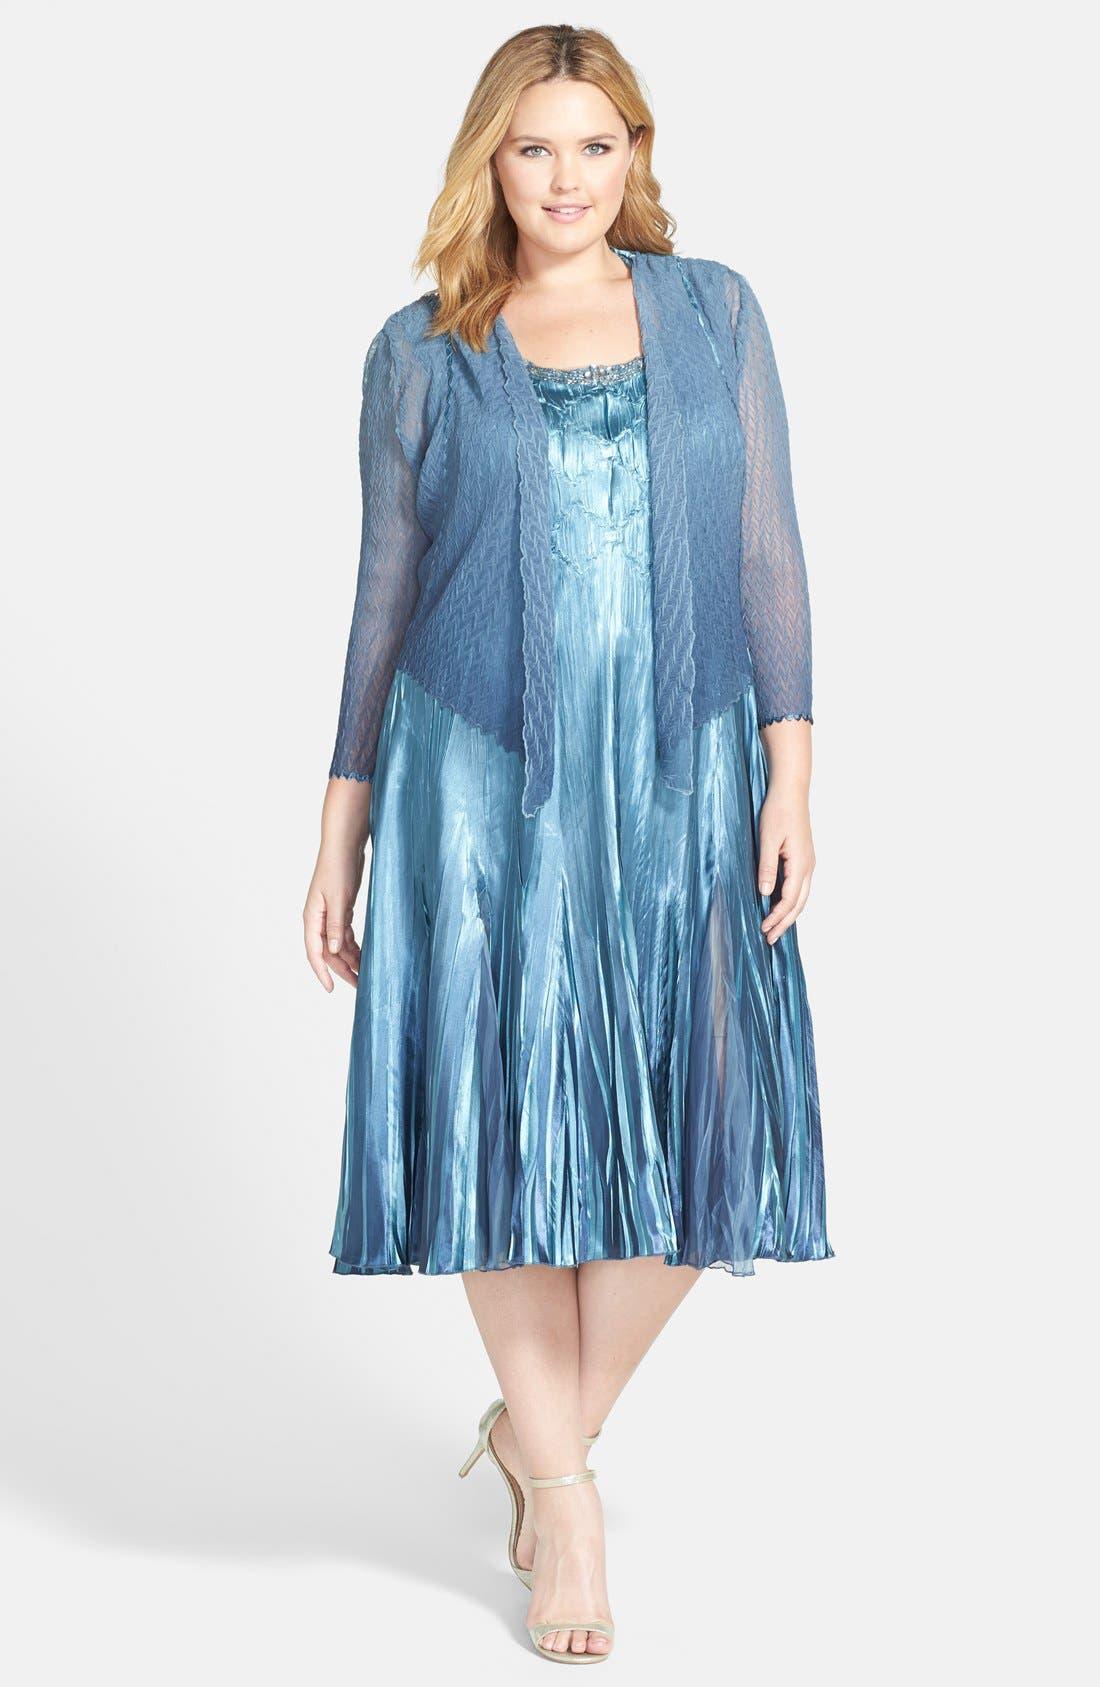 Alternate Image 1 Selected - Komarov Embellished Charmeuse & Chiffon Dress with Jacket (Plus Size)